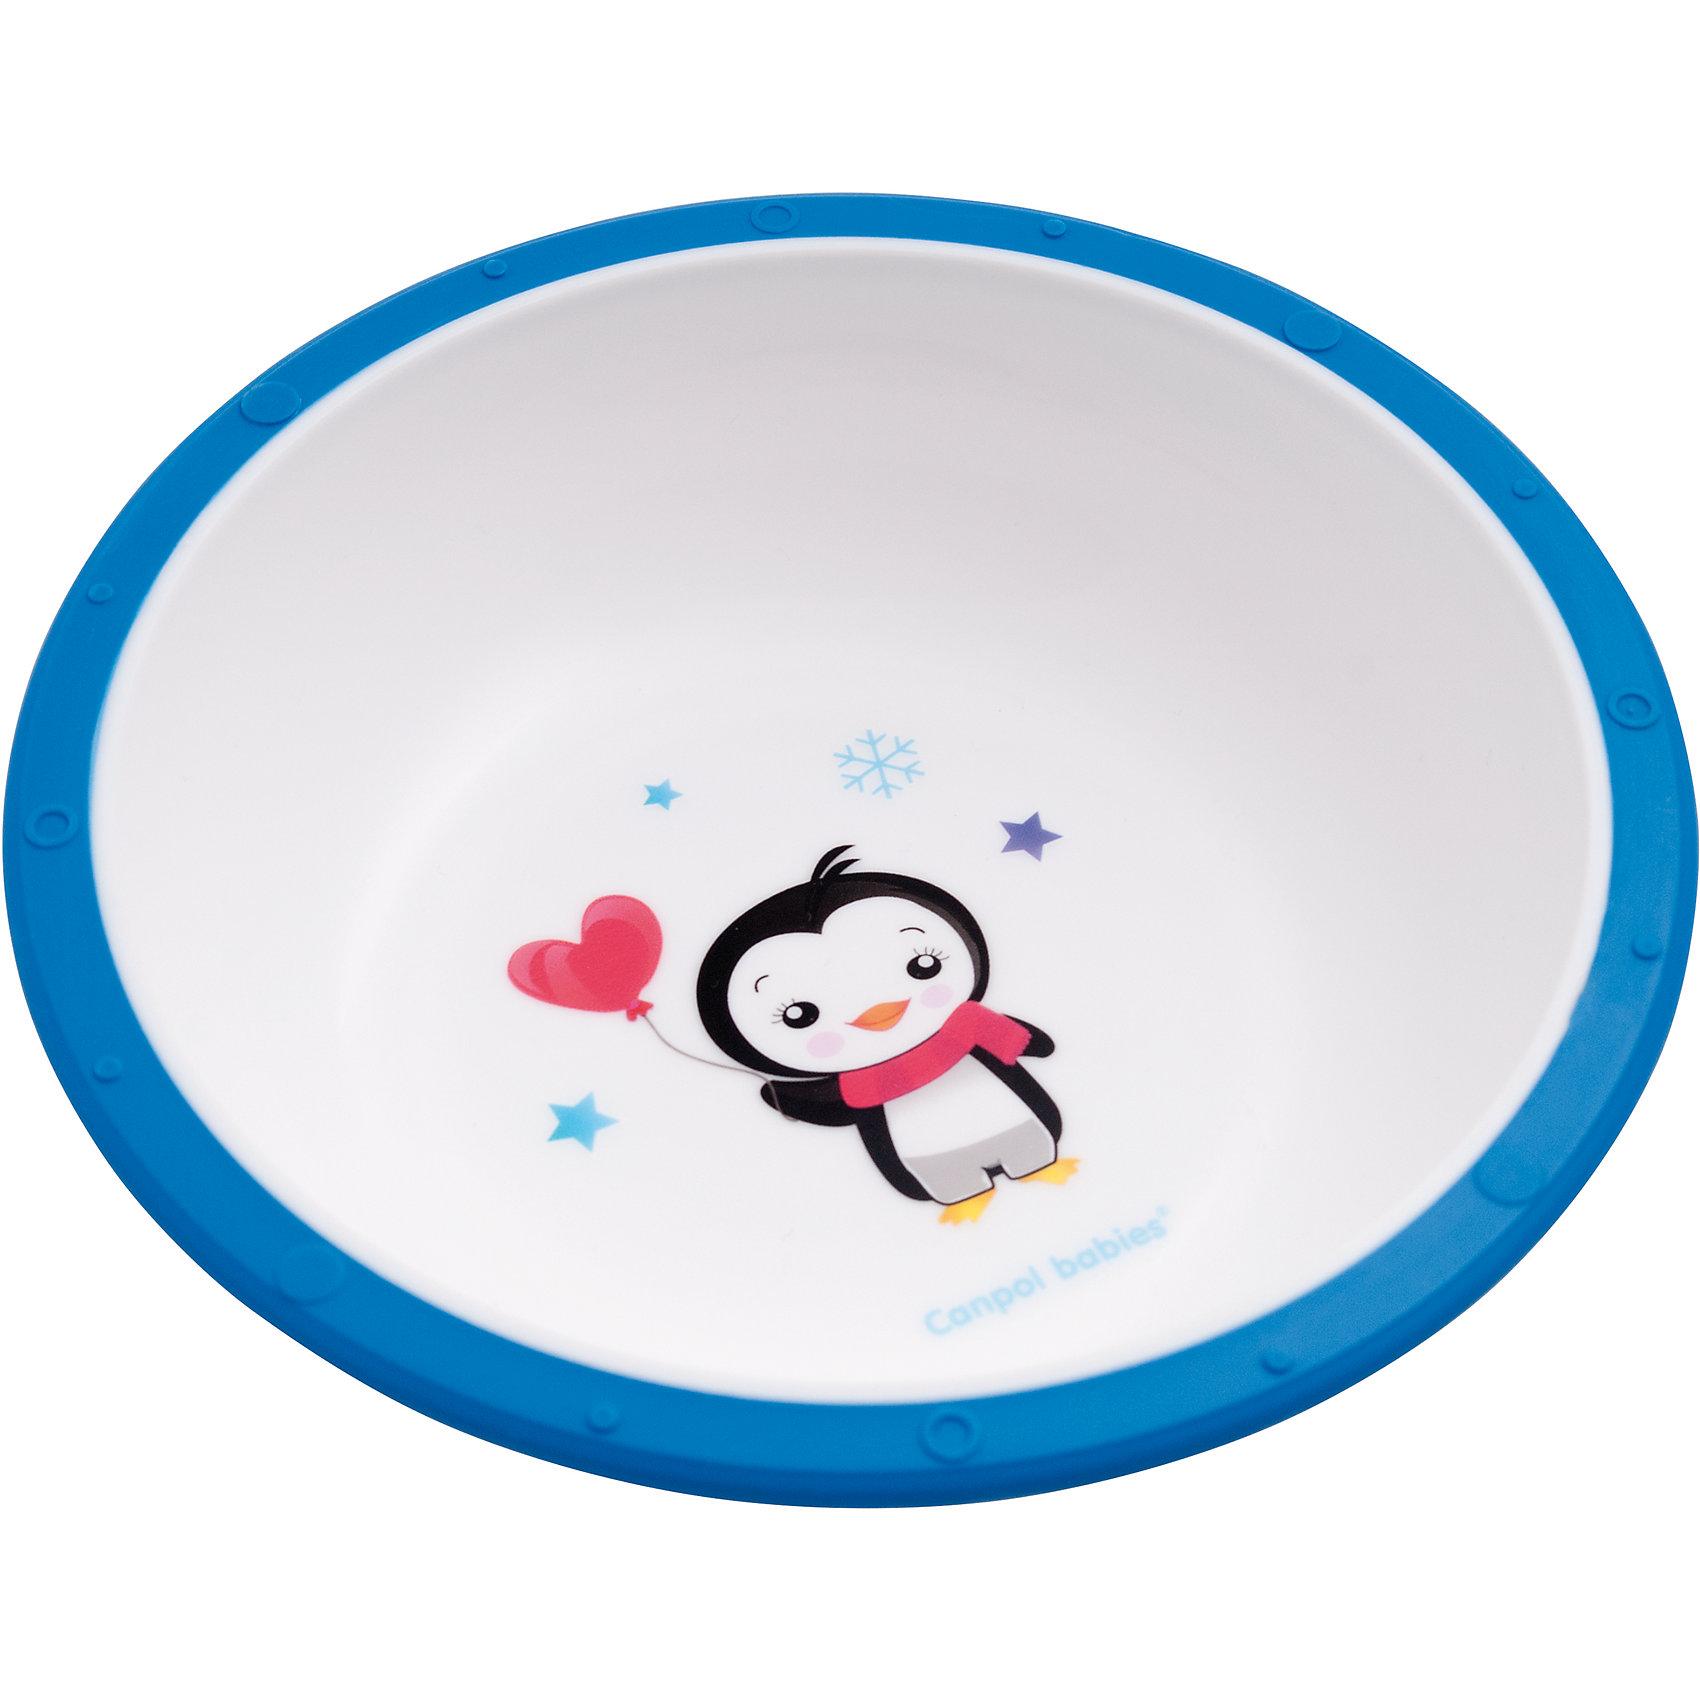 Миска пластиковая Little cow, 4+ , Canpol Babies, синийМиска пластиковая Little cow, 4+ , Canpol Babies (Канпол Беби), синий пингвиненок.<br><br>Характеристики:<br><br>• антискользящее дно<br>• приятный дизайн<br>• материал: пластик<br>• объем: 270 мл<br>• размер: 16х16х5,5 см<br><br>Пластиковая миска Little cow отлично подойдет для малышей, которые учатся есть самостоятельно. Миска имеет антискользящее дно, которое будет препятствовать опрокидыванию посуды во время еды. Она изготовлена из прочного пластика. Устойчивый рисунок поможет малышу всё скушать, чтобы поскорее увидеть забавного пингвиненка!<br><br>Миску пластиковую Little cow, 4+ , Canpol Babies (Канпол Беби), синий пингвиненок можно купить в нашем интернет-магазине.<br><br>Ширина мм: 160<br>Глубина мм: 55<br>Высота мм: 160<br>Вес г: 730<br>Возраст от месяцев: 4<br>Возраст до месяцев: 36<br>Пол: Мужской<br>Возраст: Детский<br>SKU: 5156683